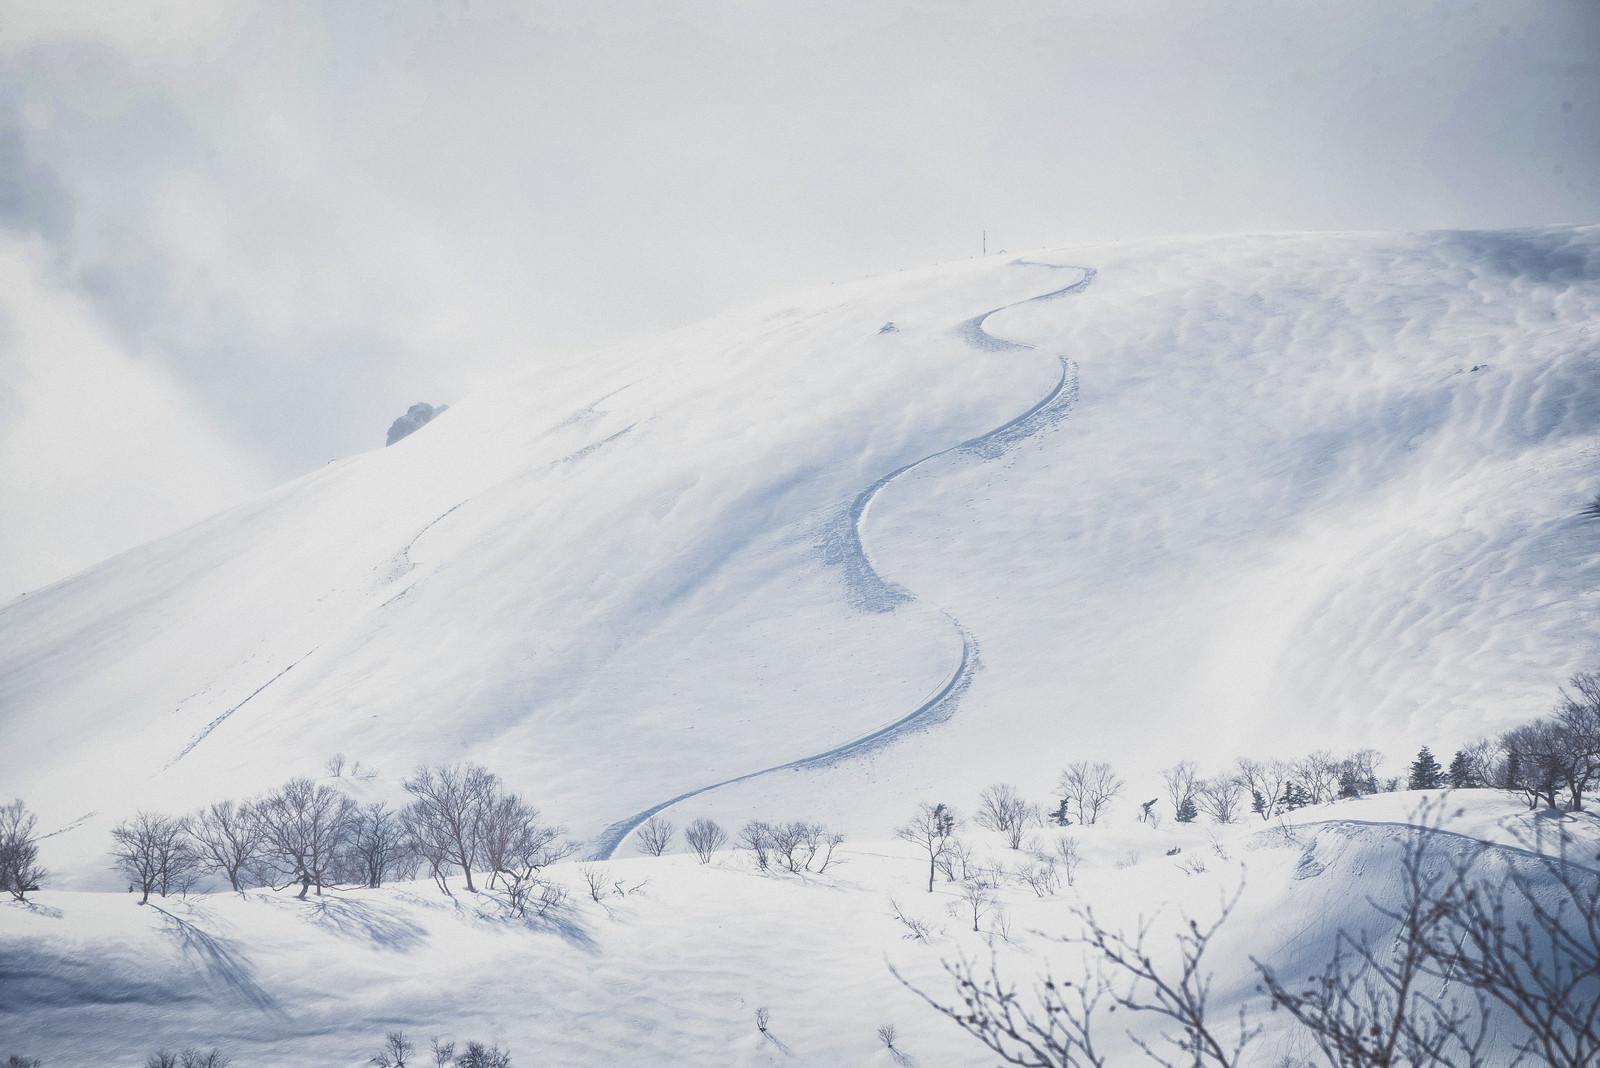 「雪原の斜面に残るシュプール」の写真